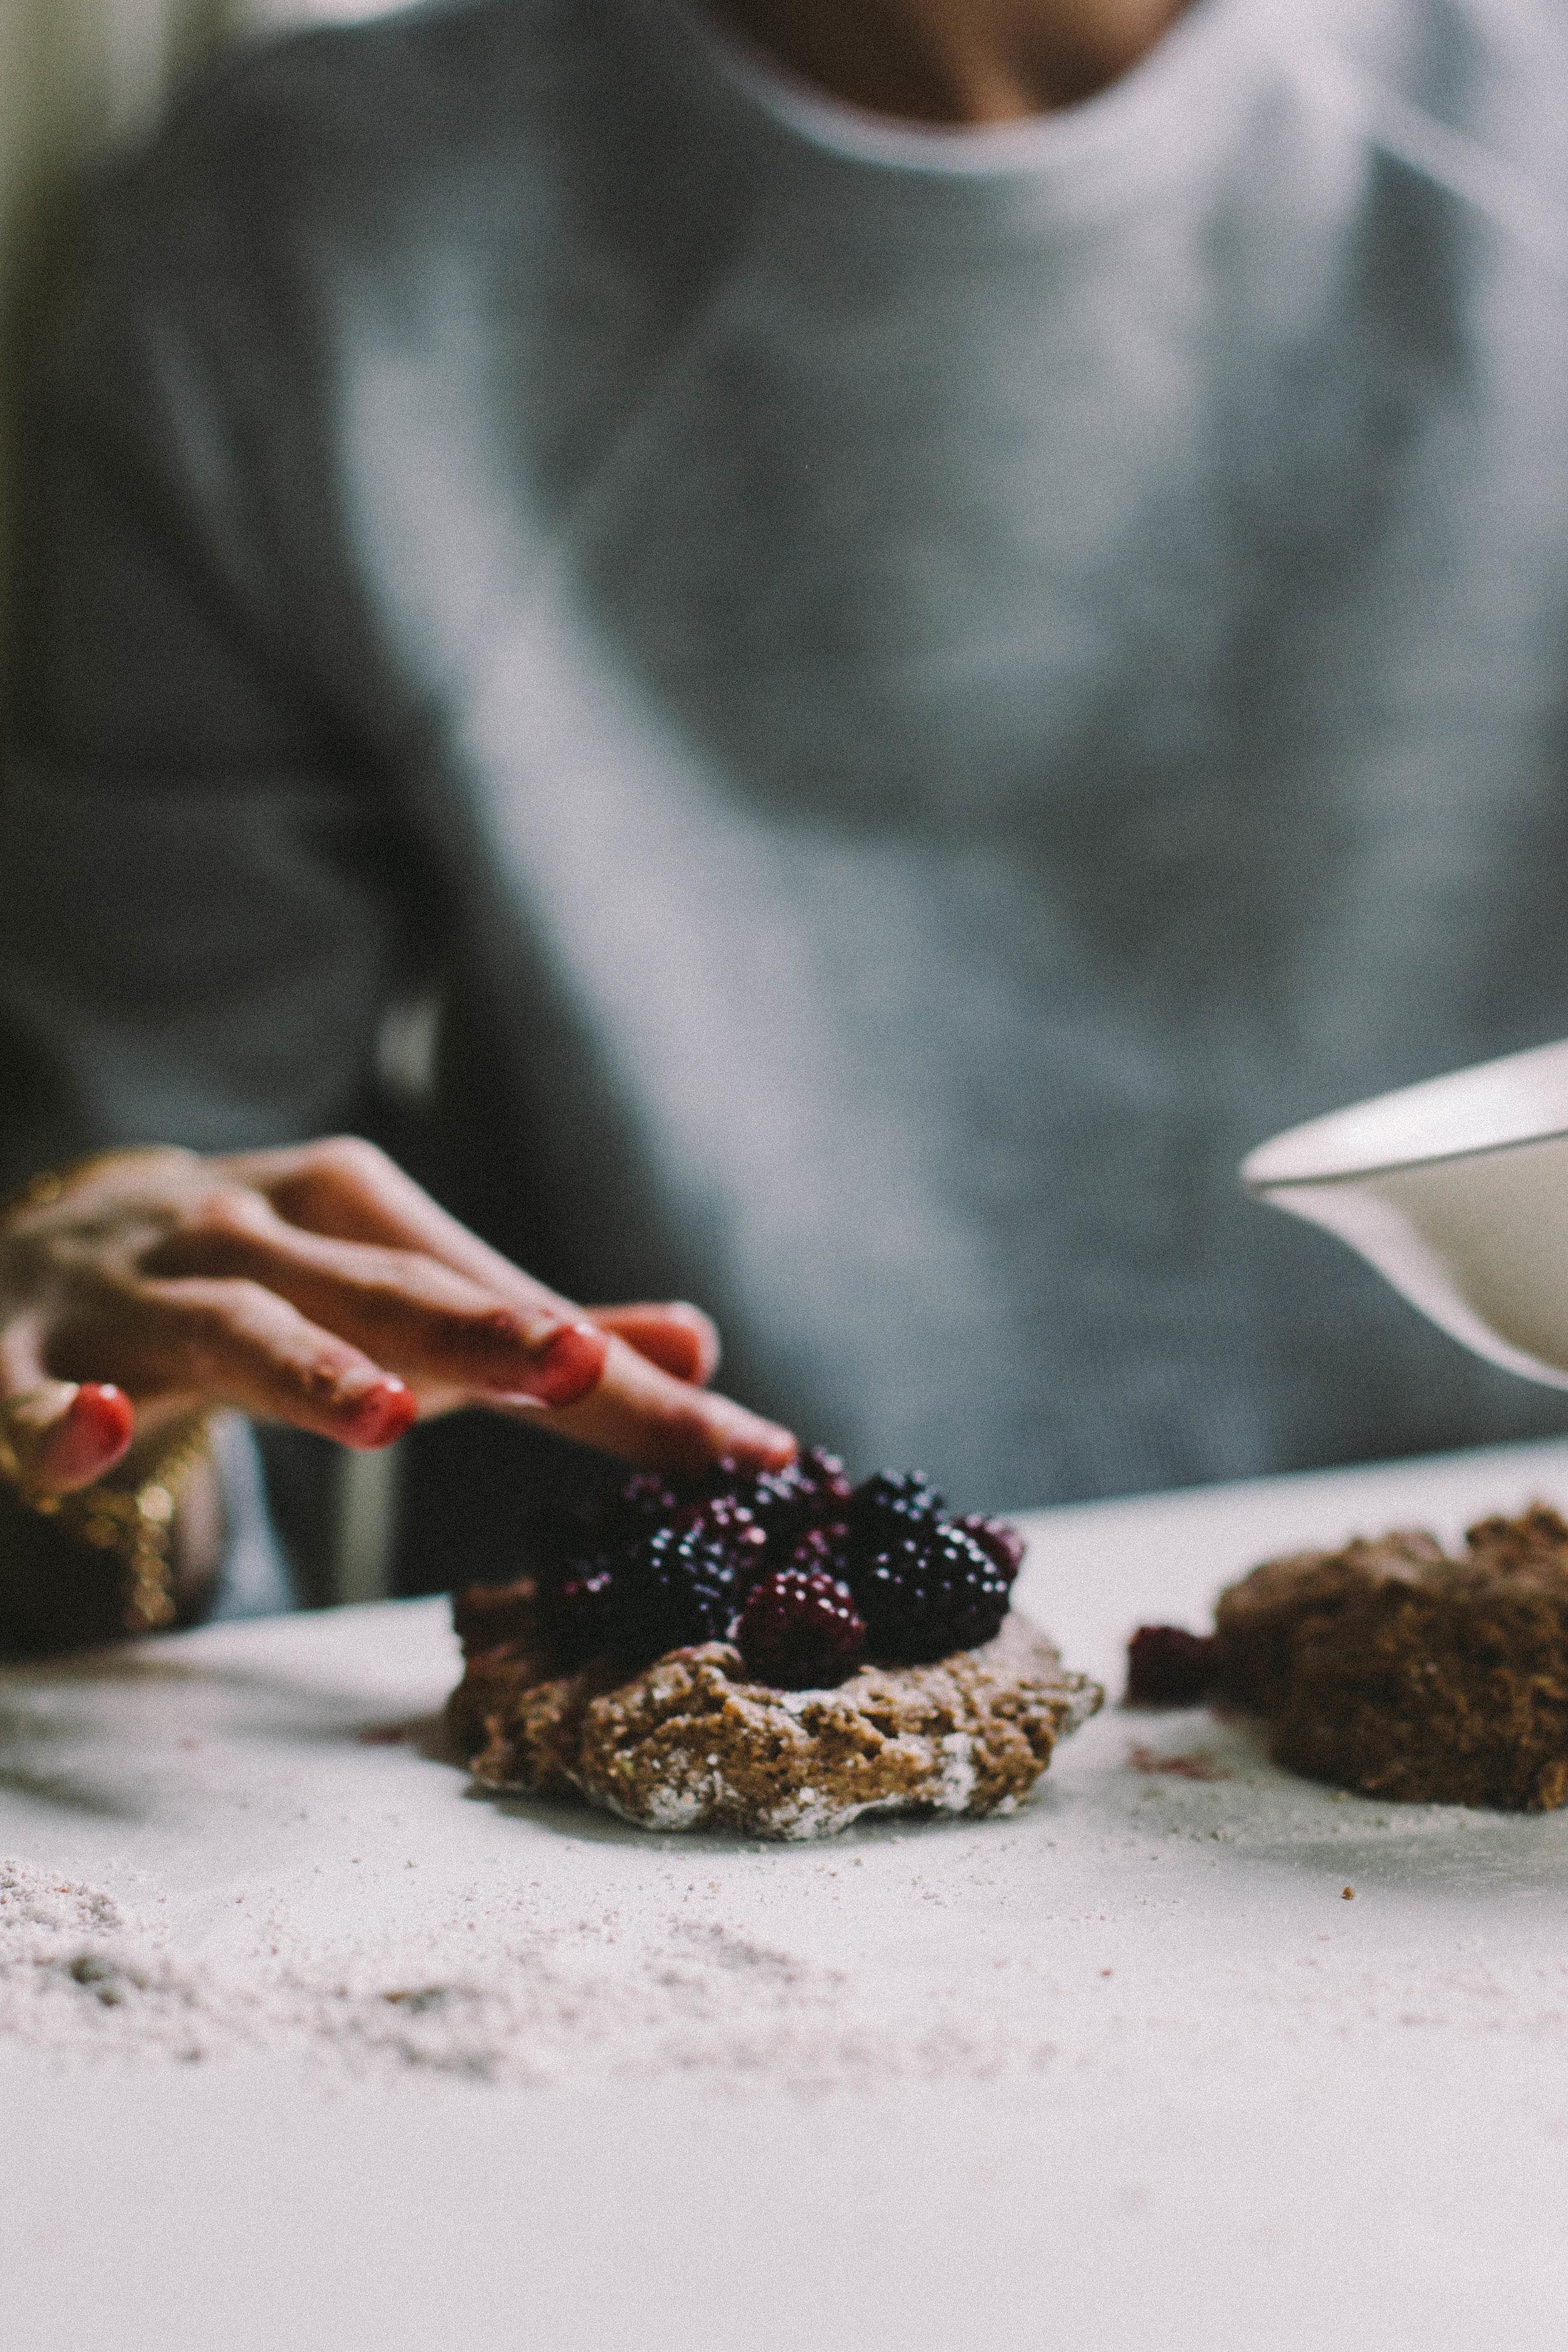 blackberry-ginger-scones-6-1.jpg